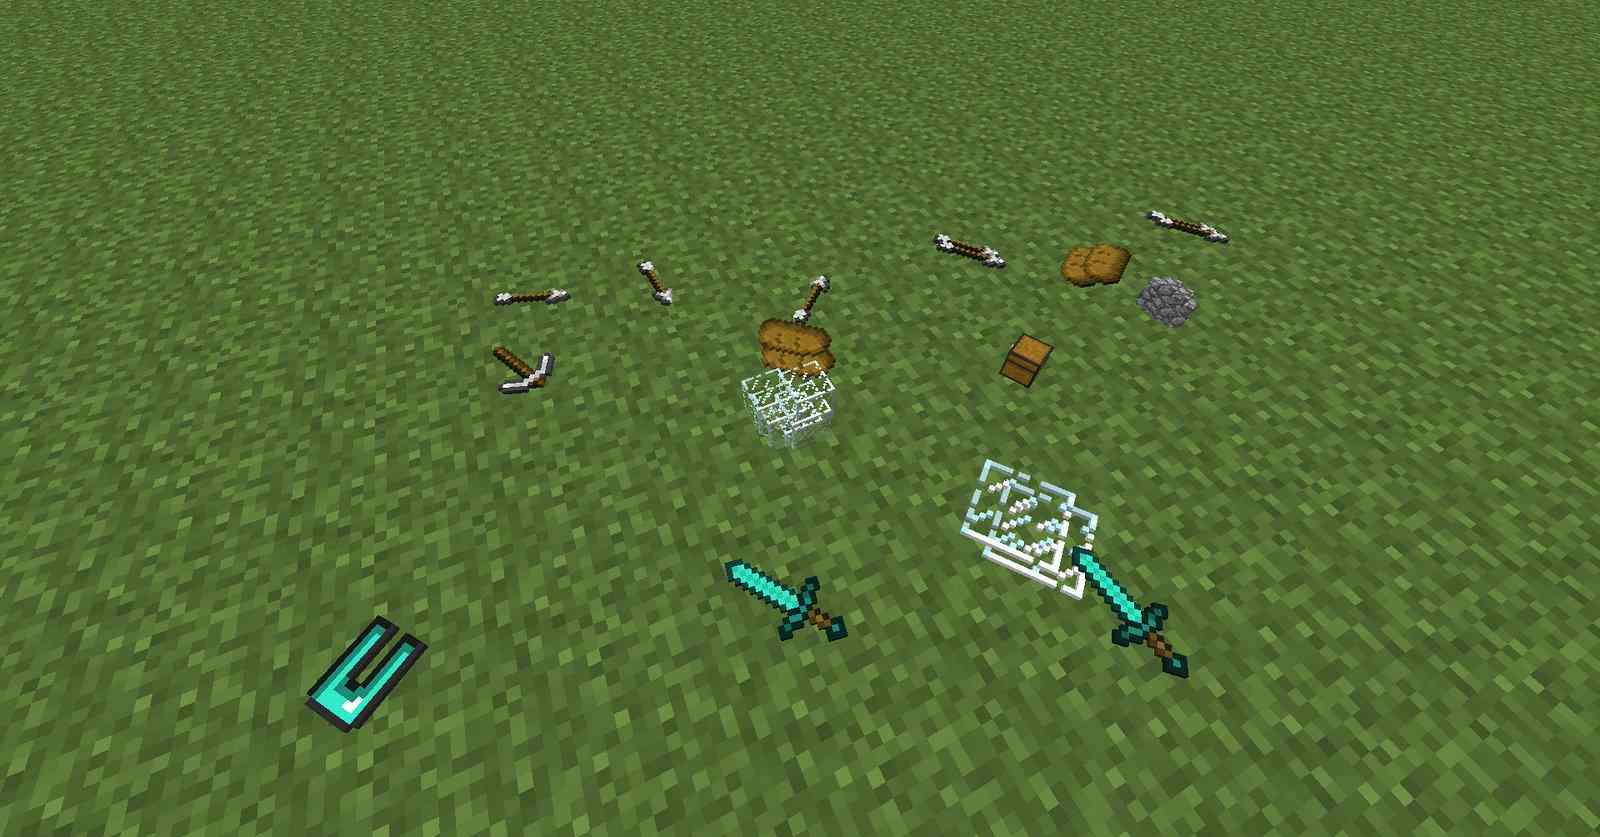 Realistic-Item-Drops-Mod-1